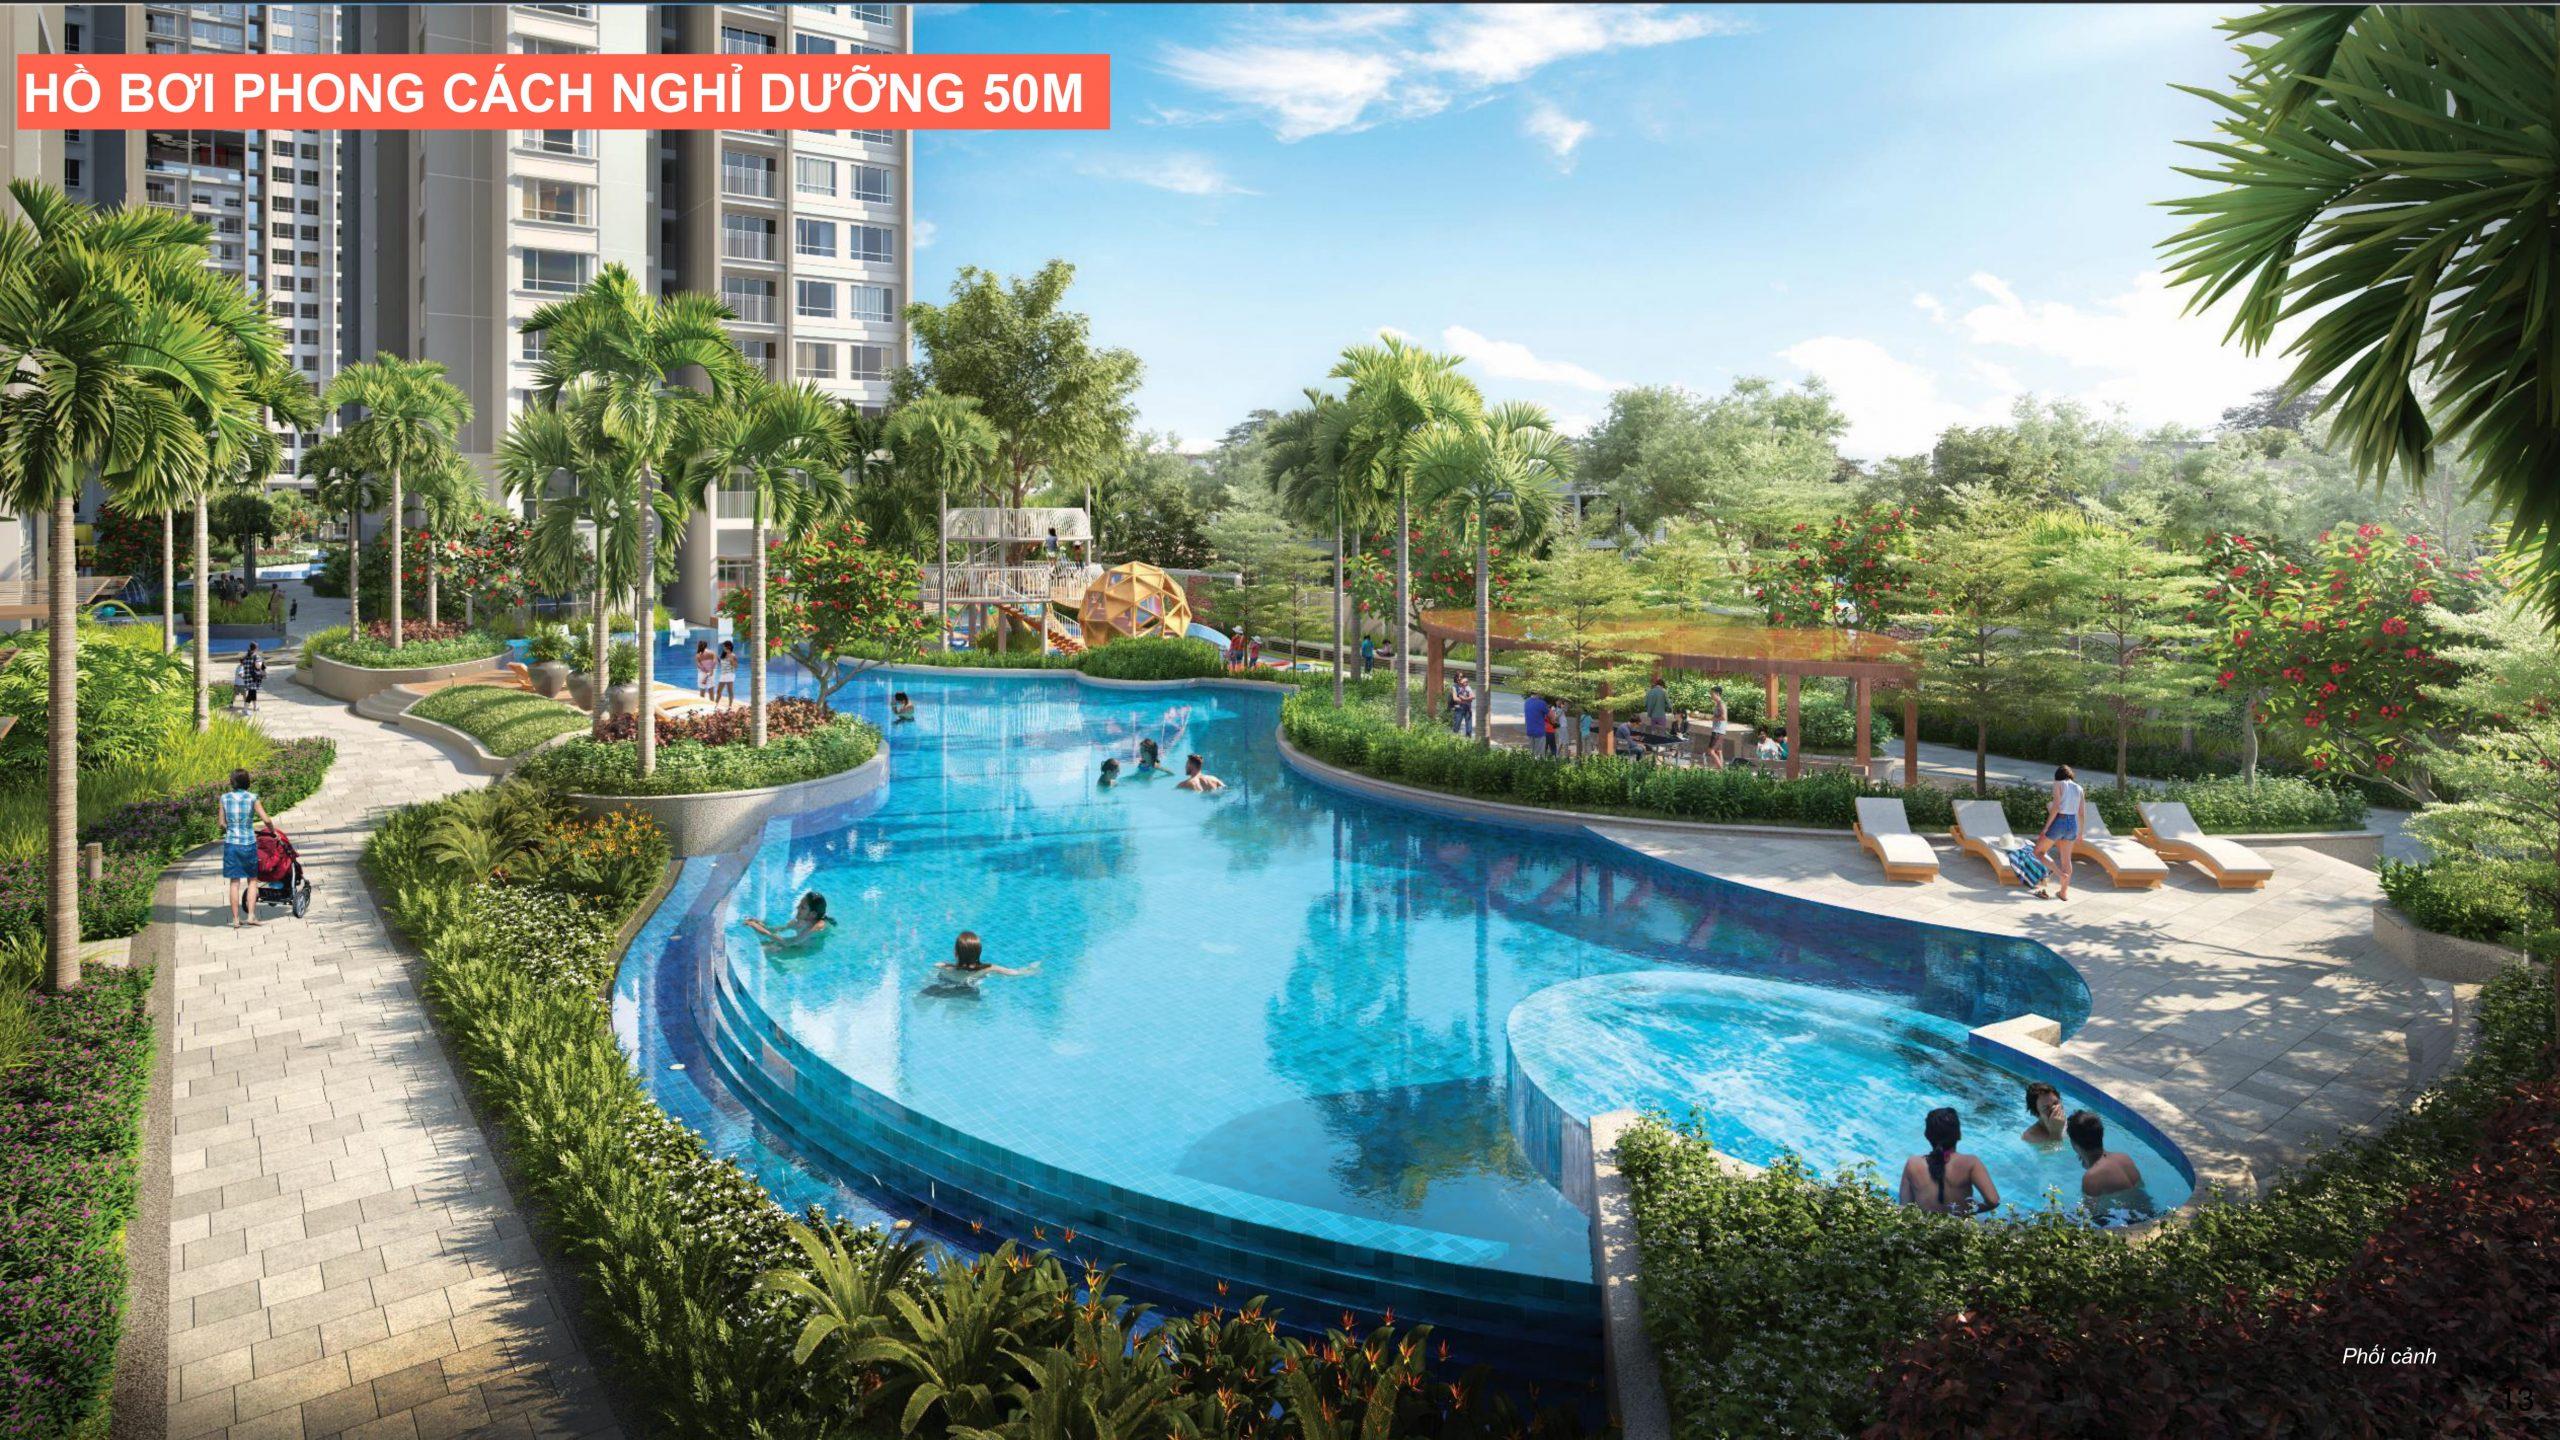 Hồ bơi phong cách nghỉ dưỡng tại căn hộ Celesta Rise Keppel Land.